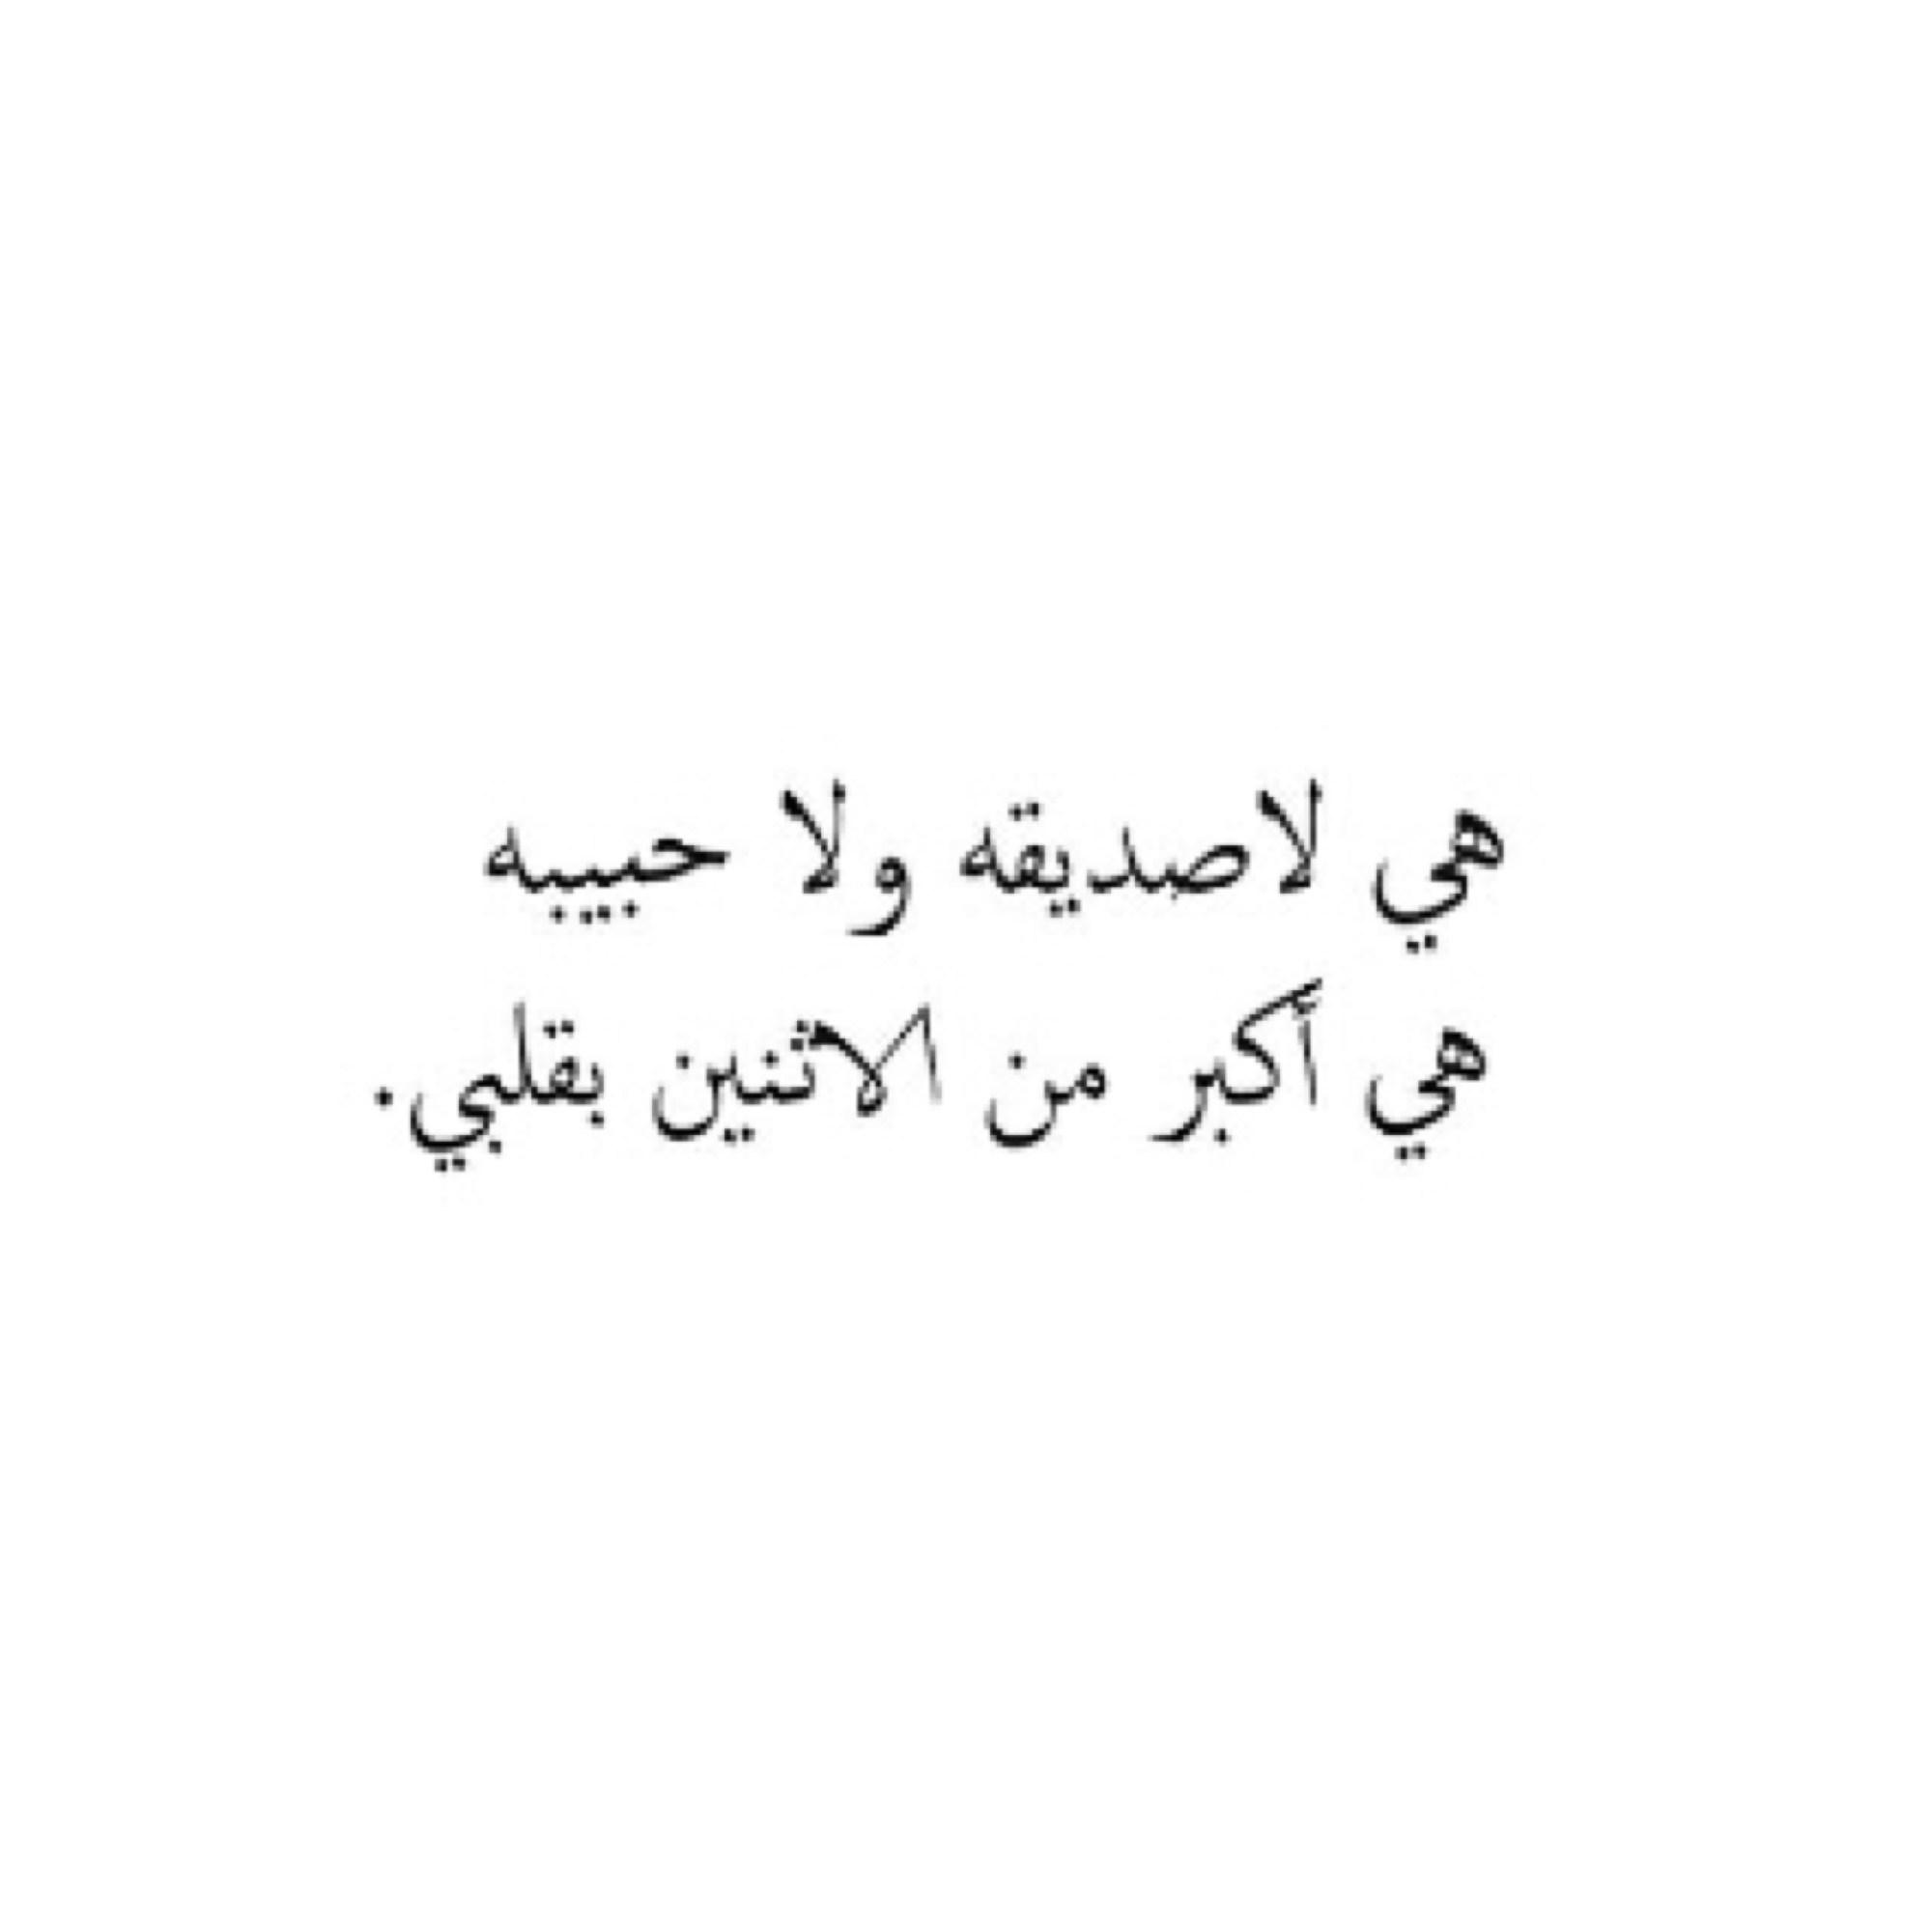 abrar_2389's Cover Photo